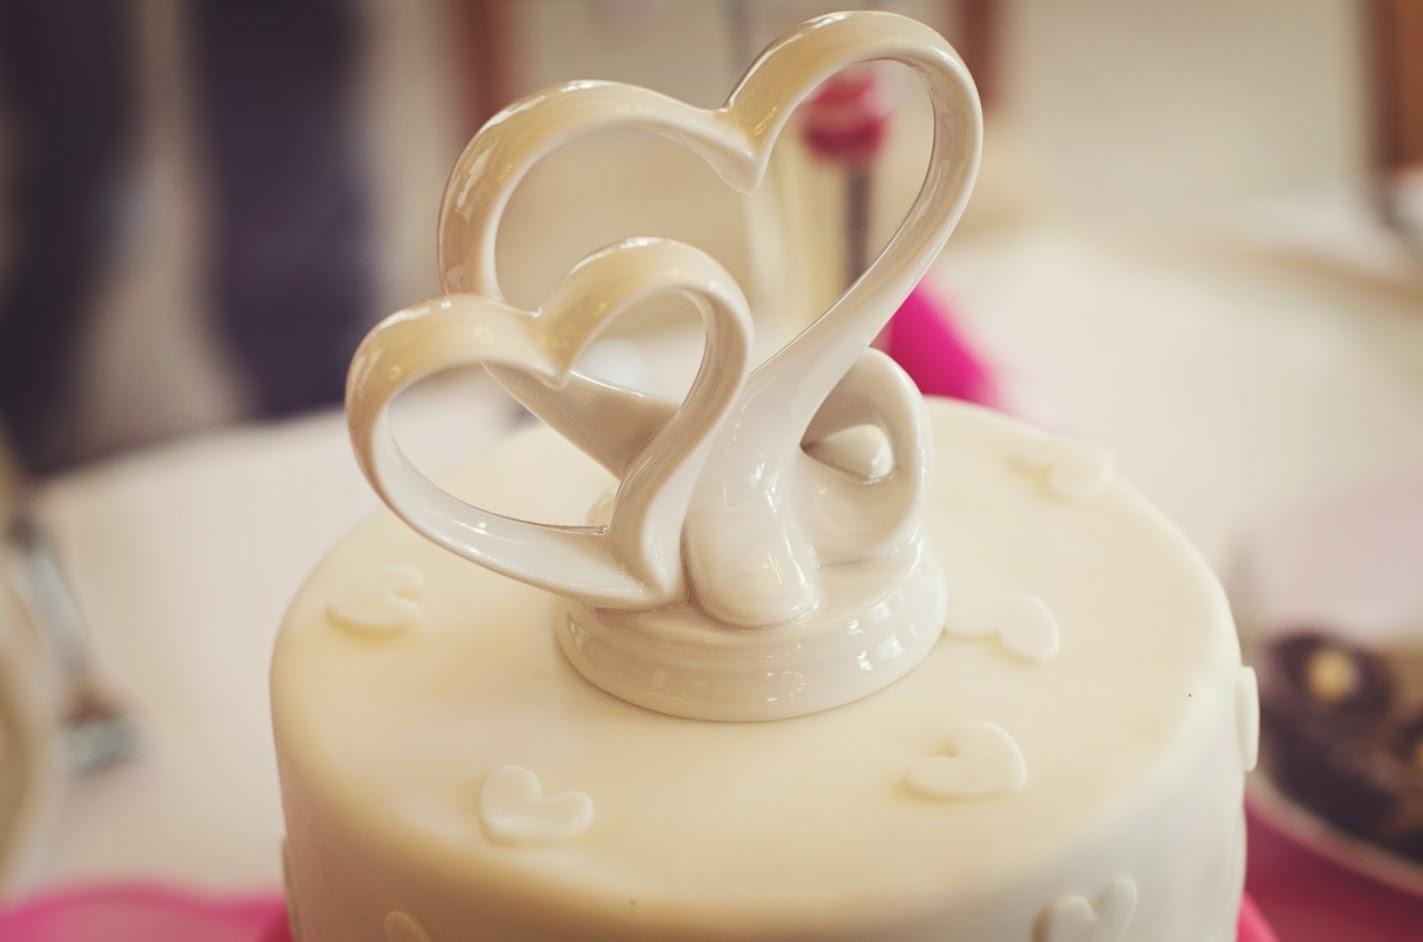 Ozdoba na dort - Obrázek č. 1